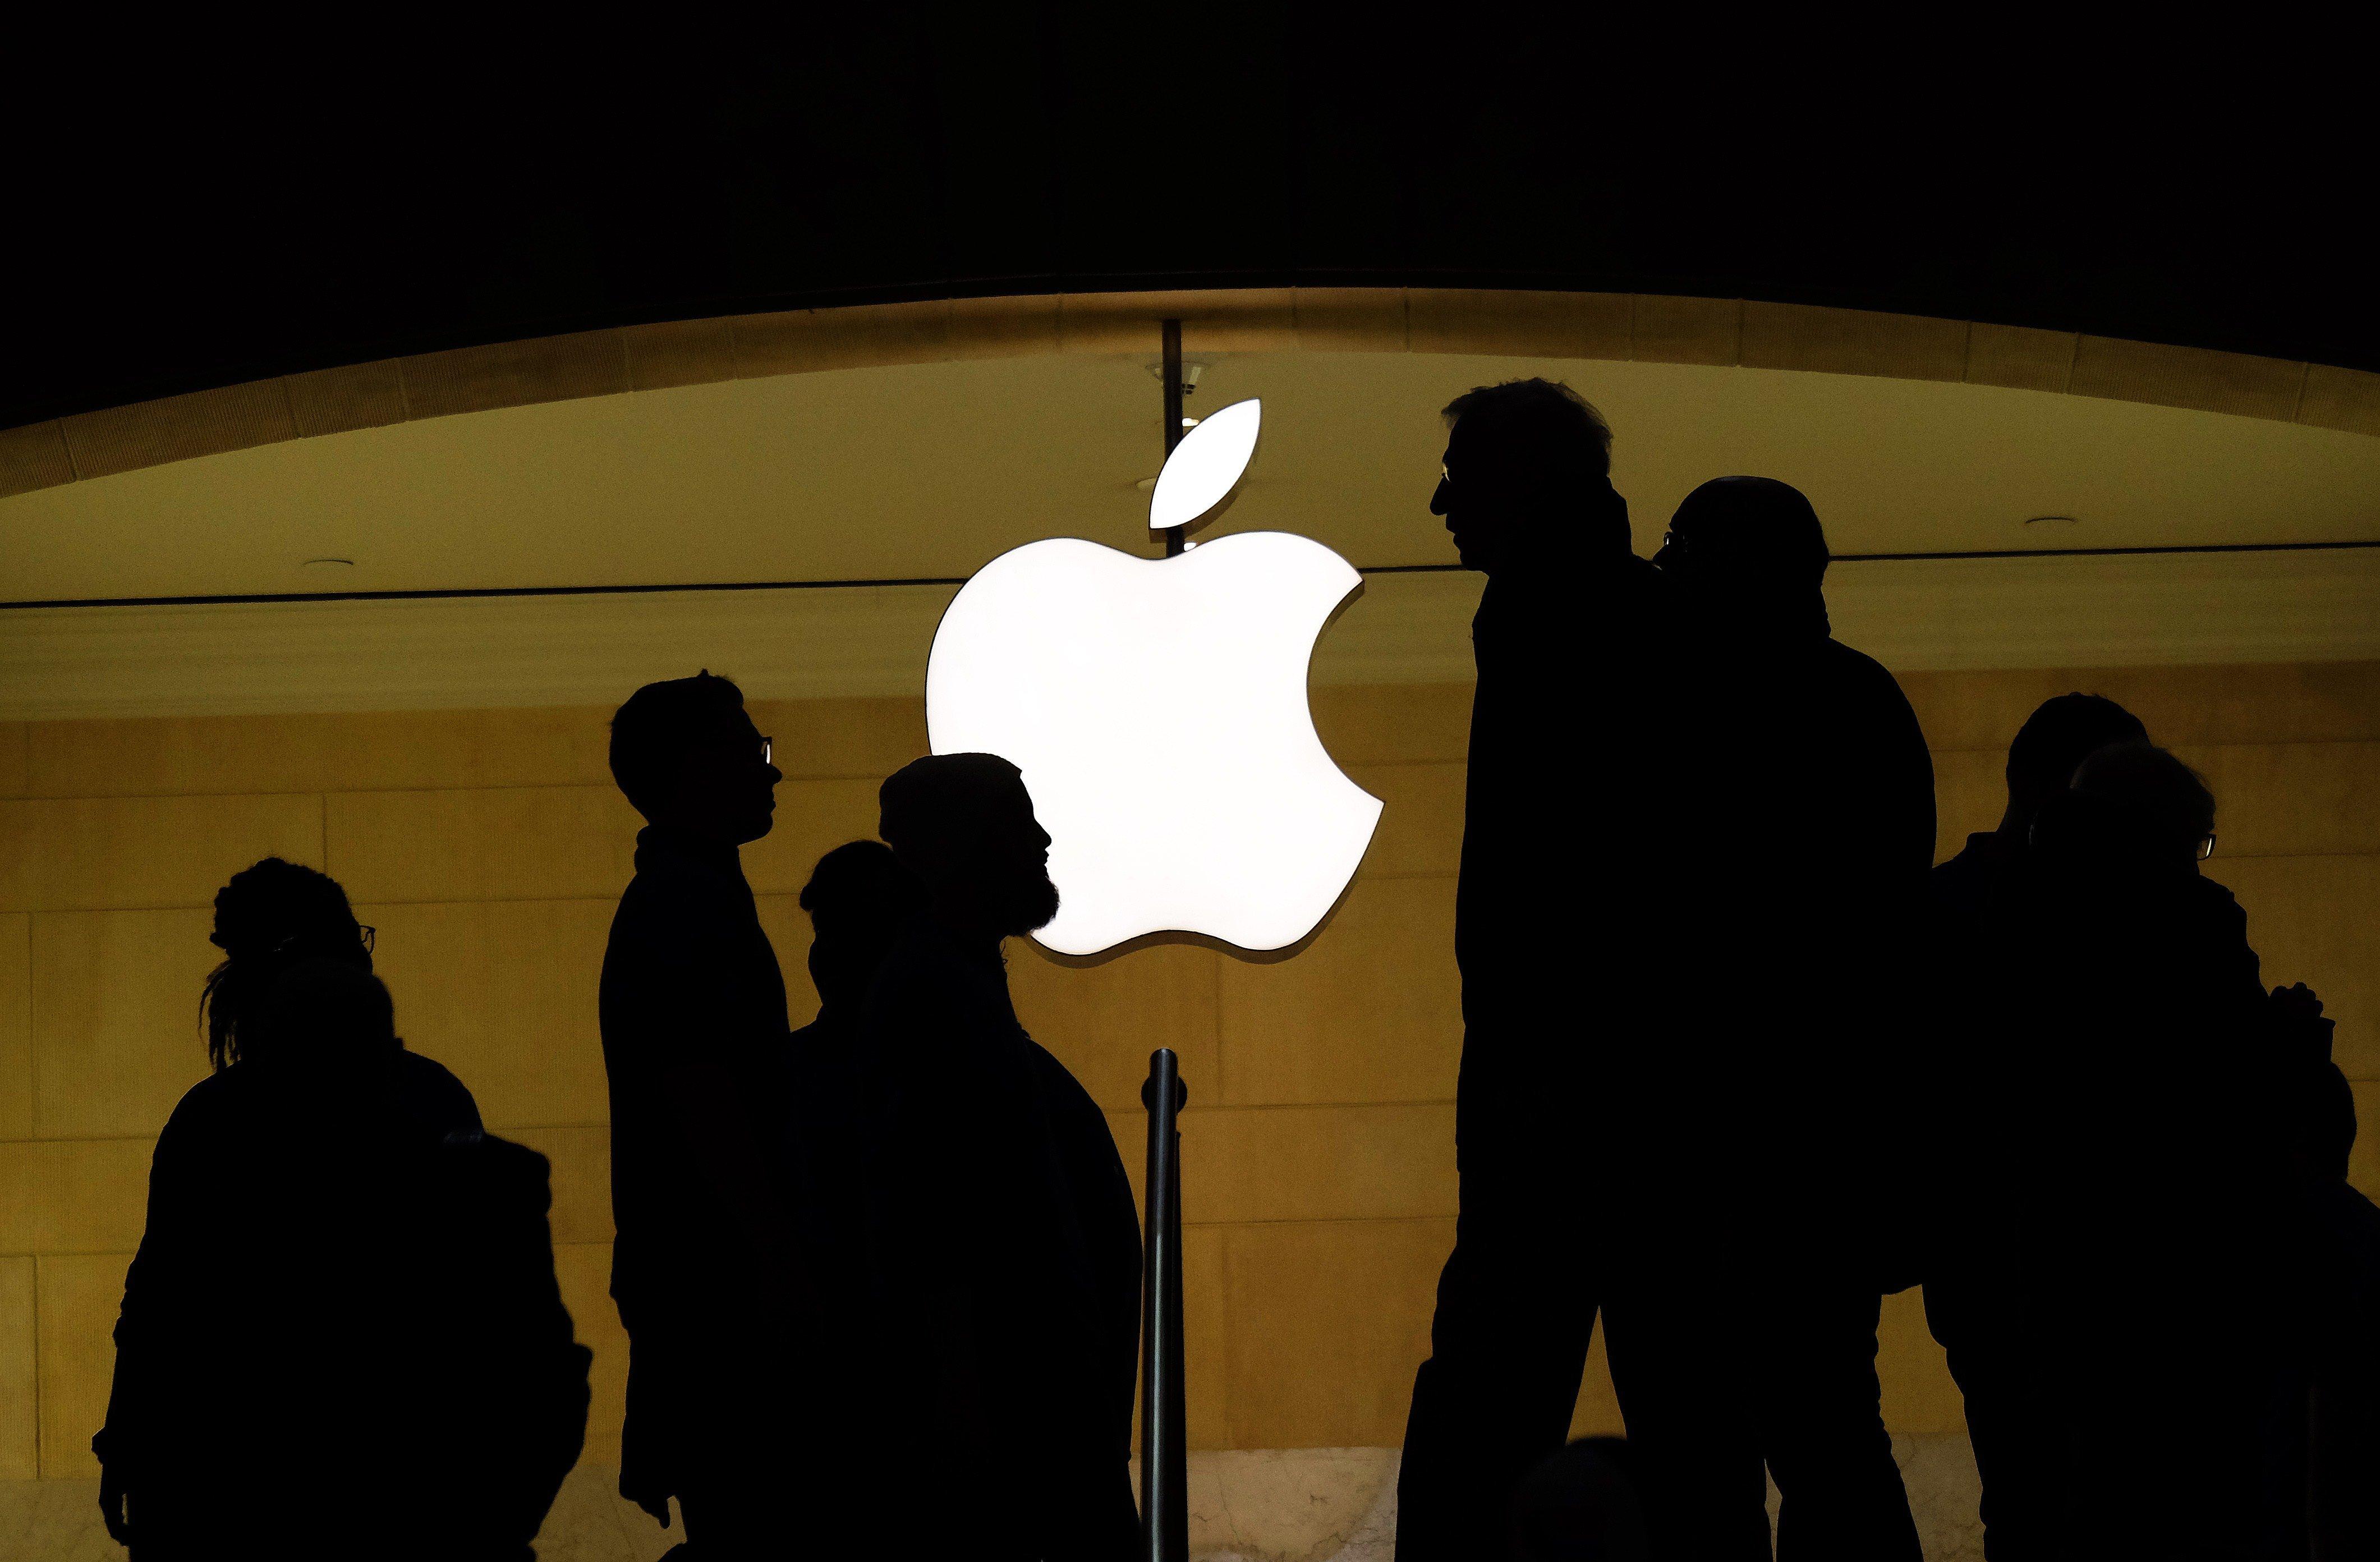 9월에 새로 나올 애플 아이폰, 아이패드에 대한 루머를 모아봤다